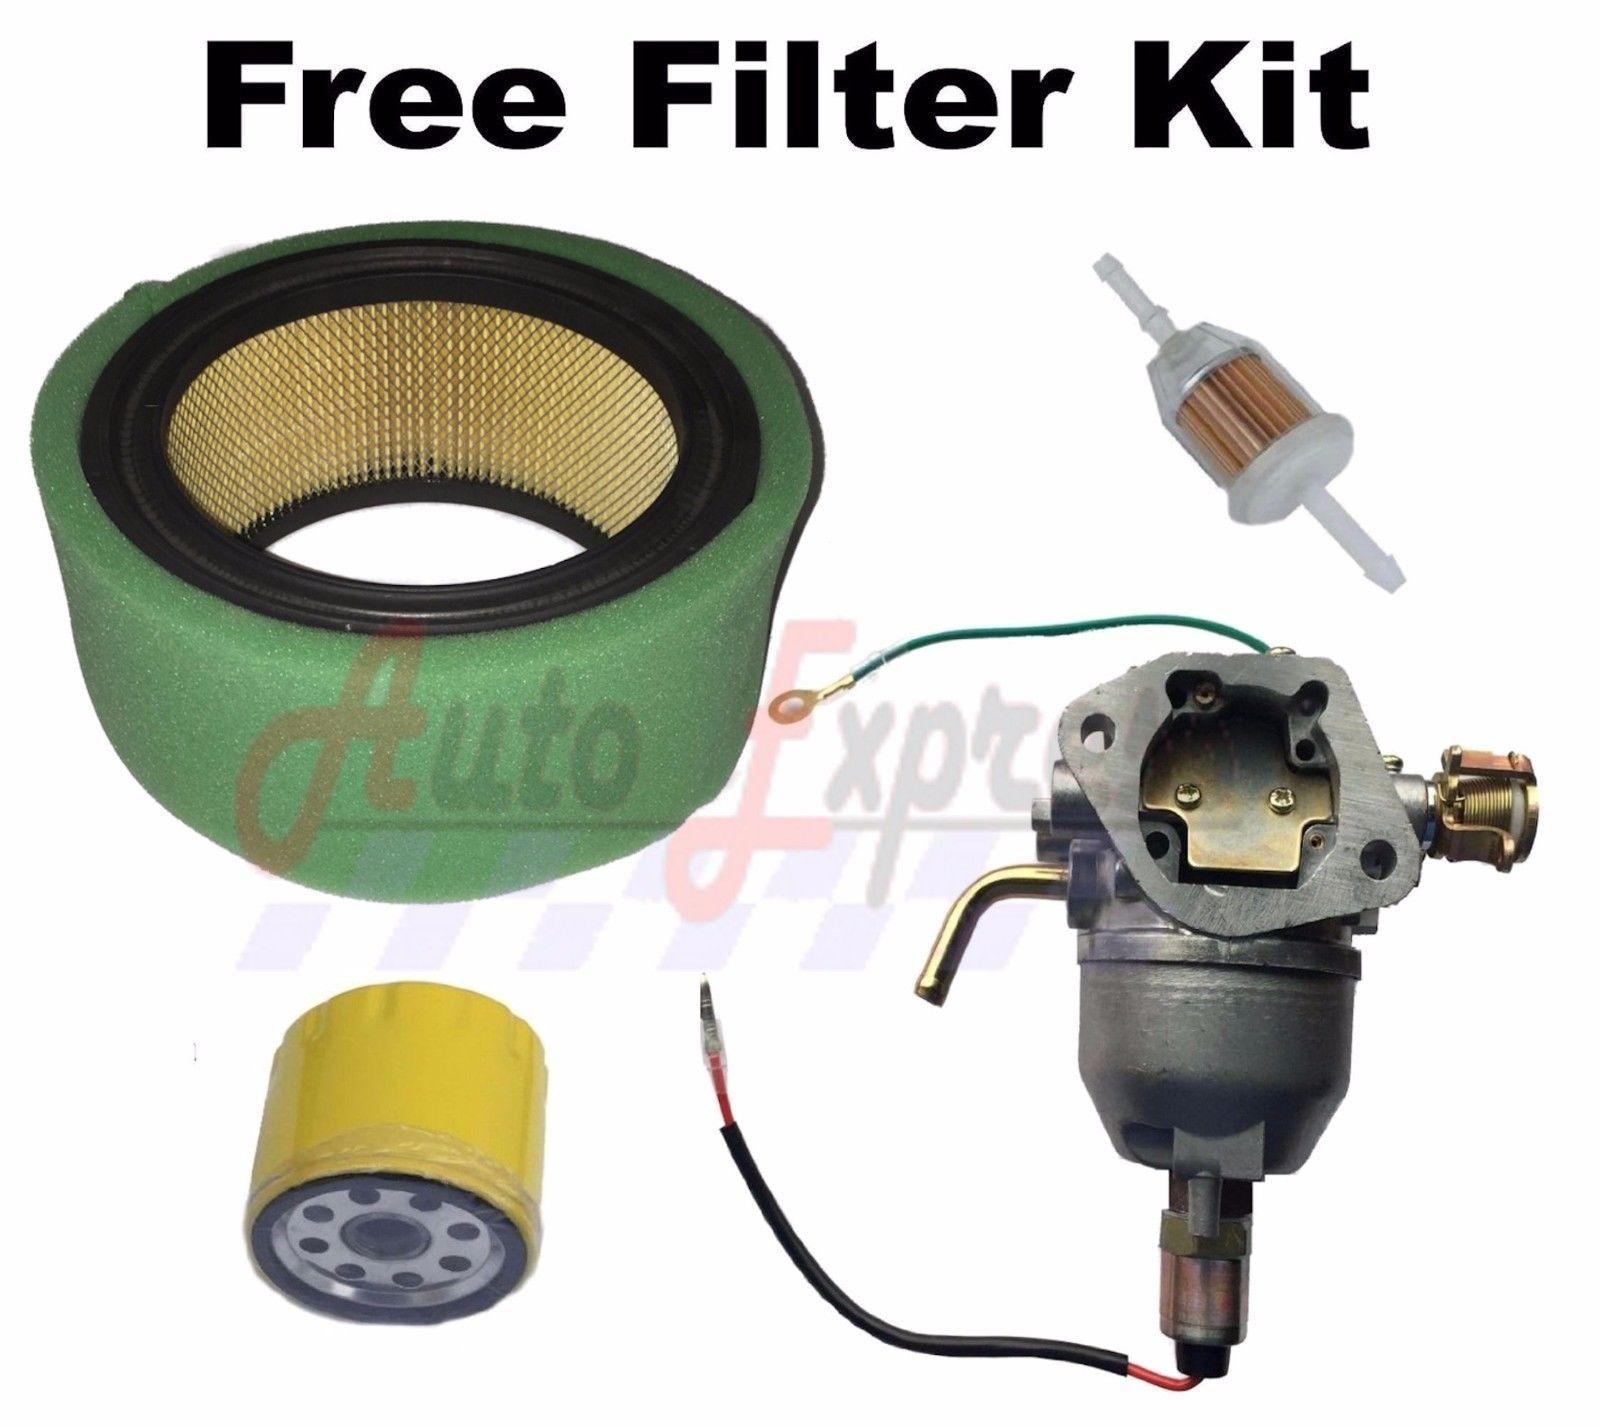 CARBURETOR FITS KOHLER LH640 LH685 LH690 NIKKI CARB OIL FUEL FILTER